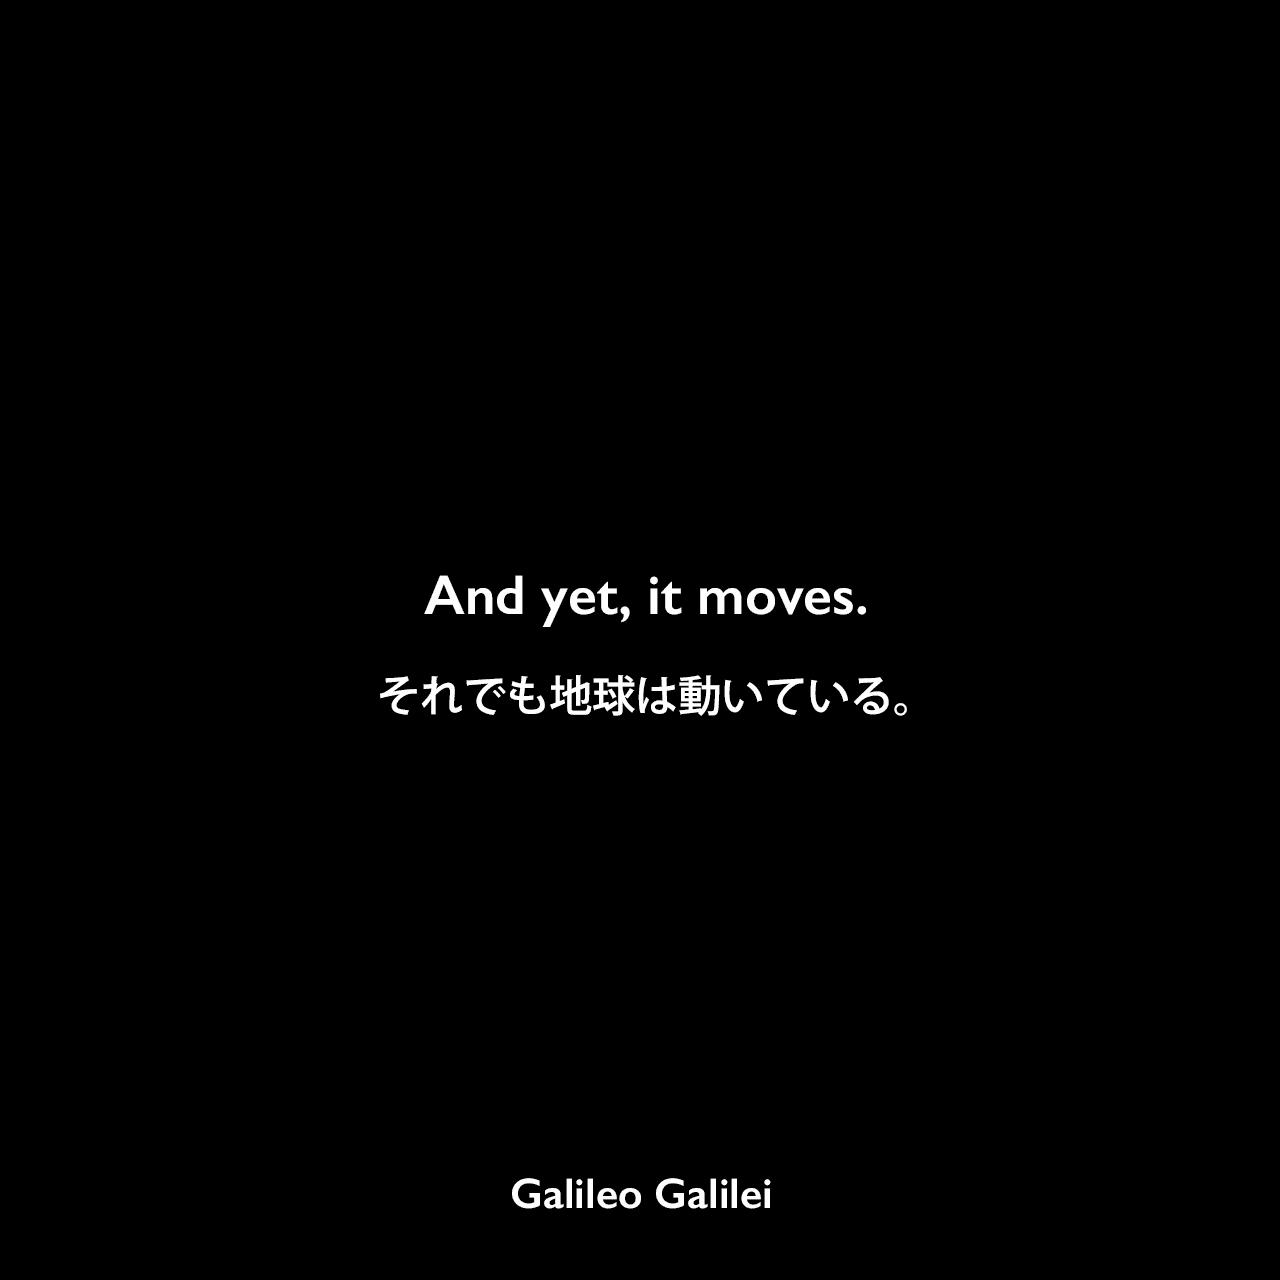 And yet, it moves.それでも地球は動いている。Galileo Galilei